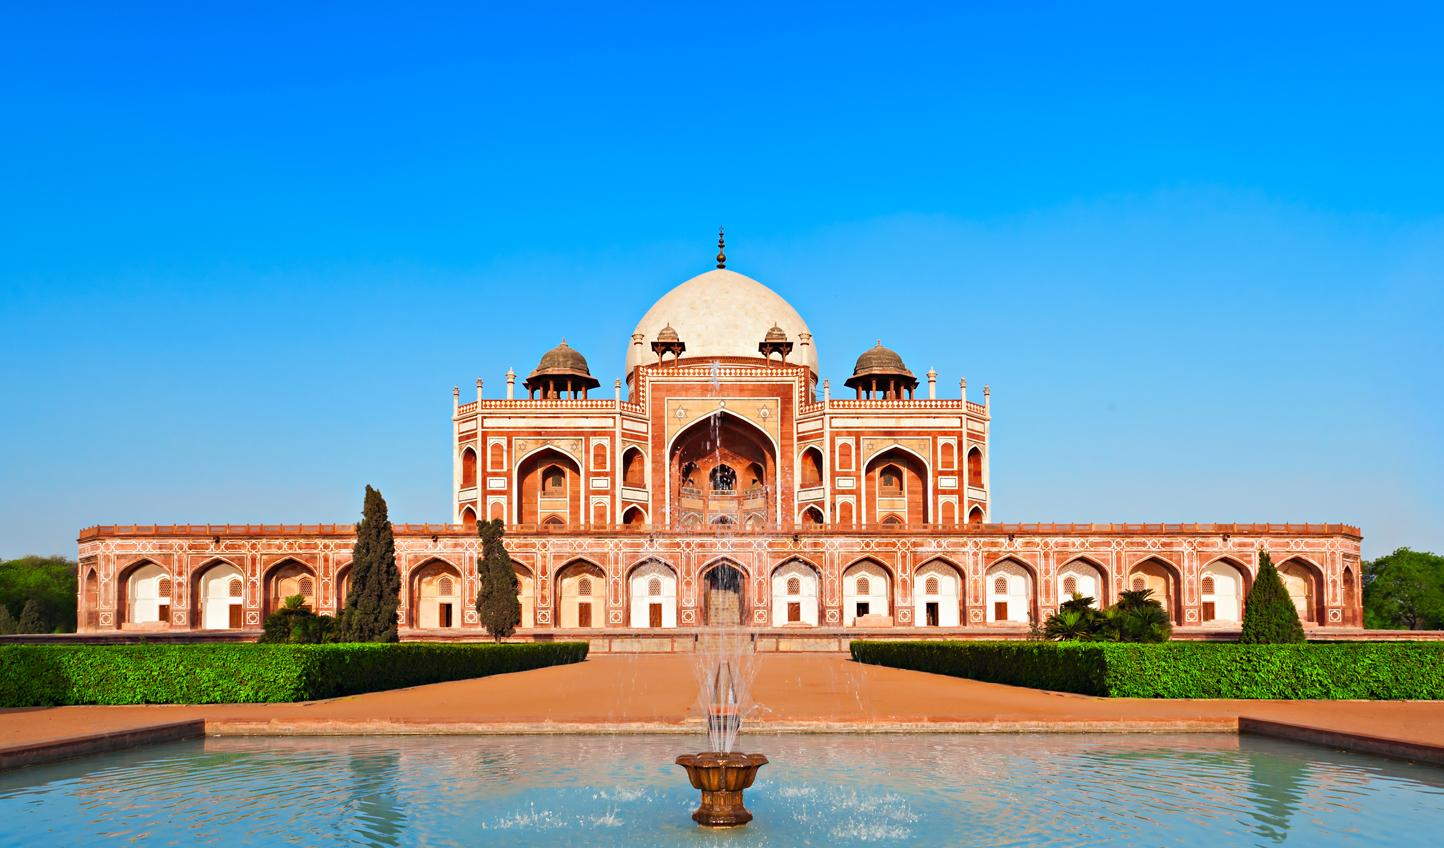 Kick start the culture at Humayun's Tomb in Delhi